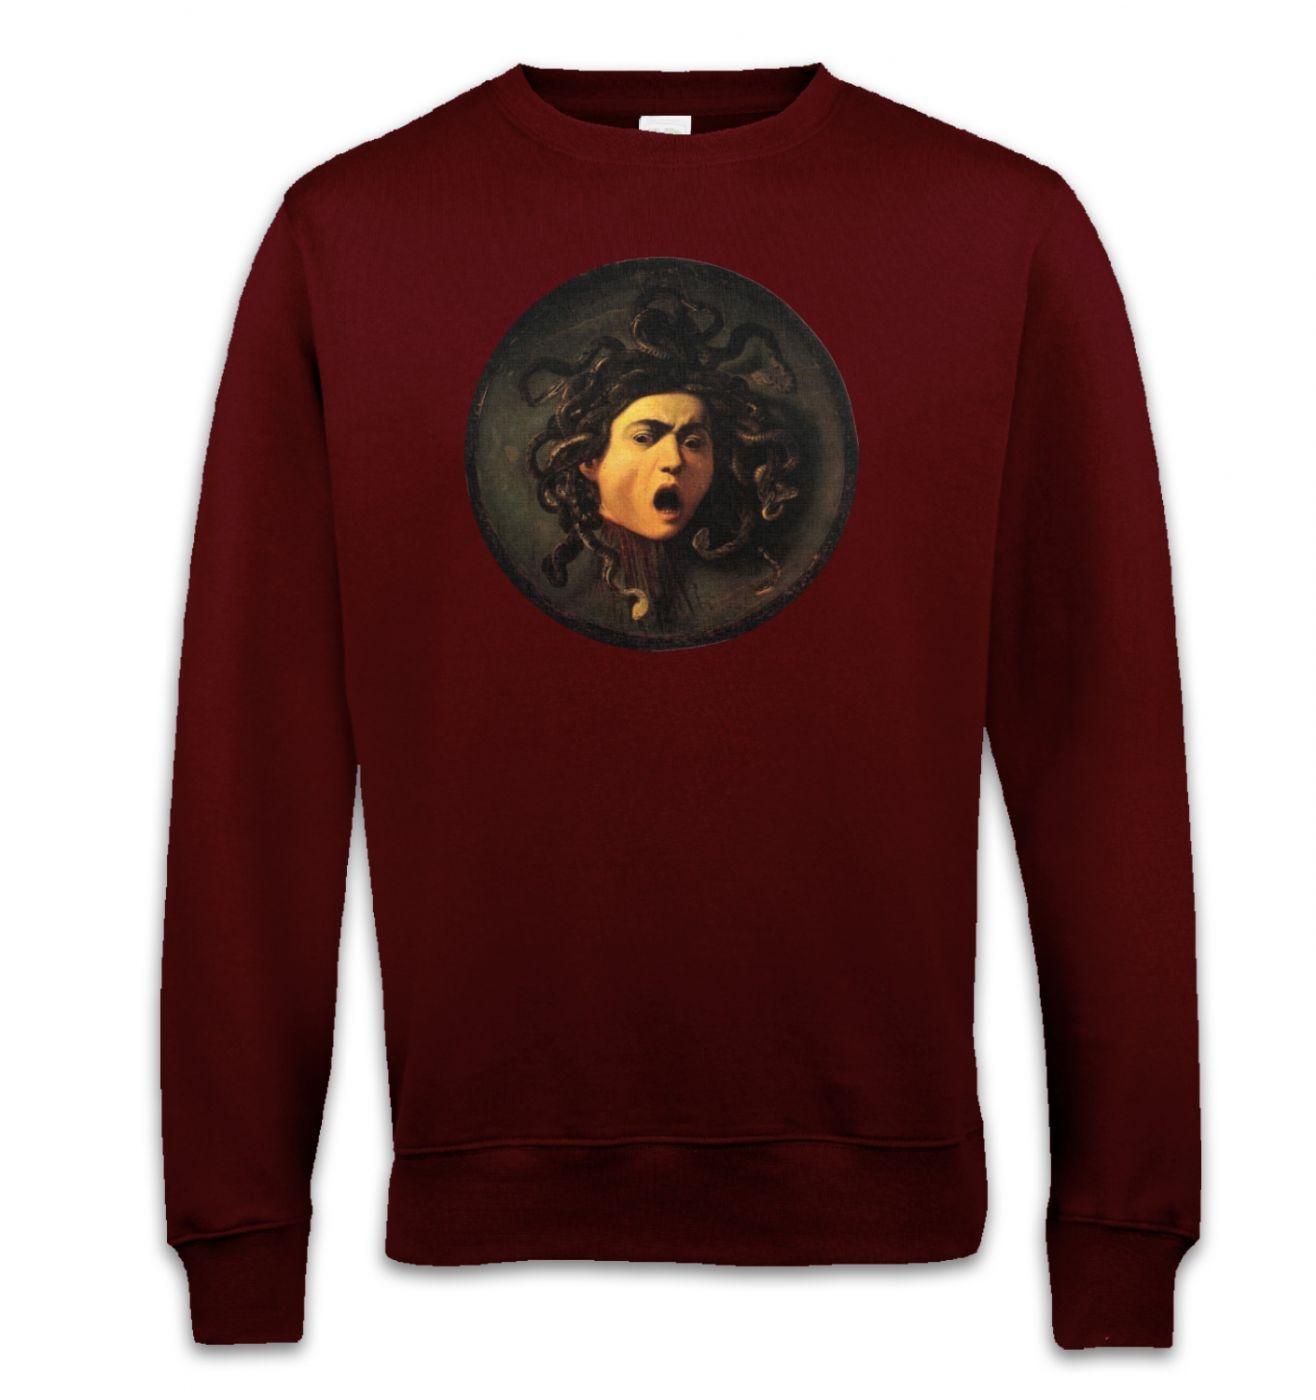 Caravaggio Medusa sweatshirt